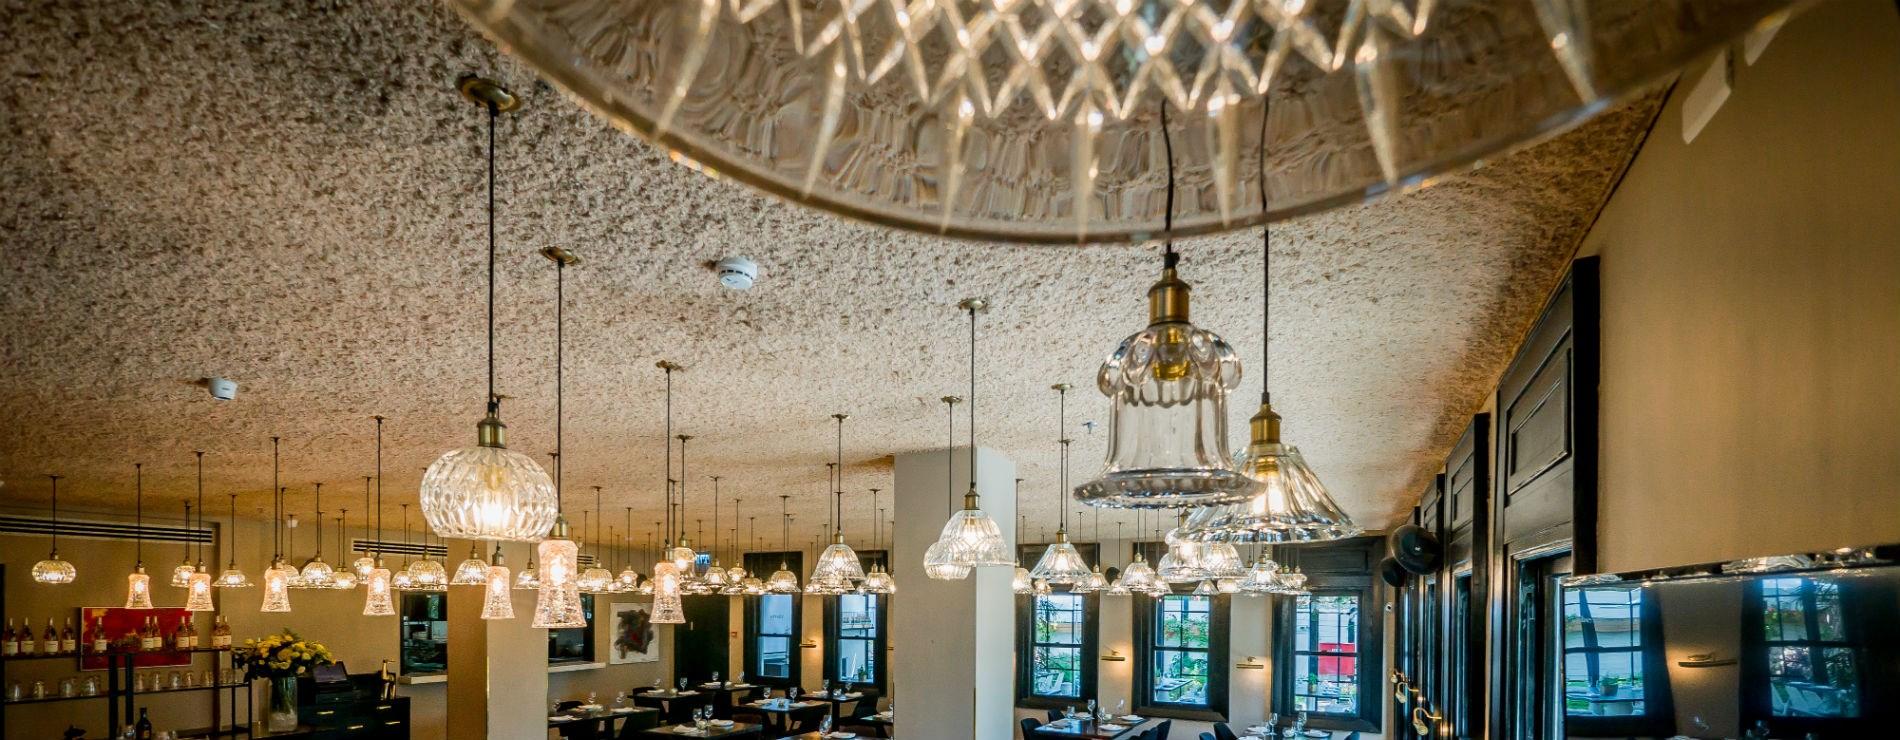 מסעדה במלון ליר